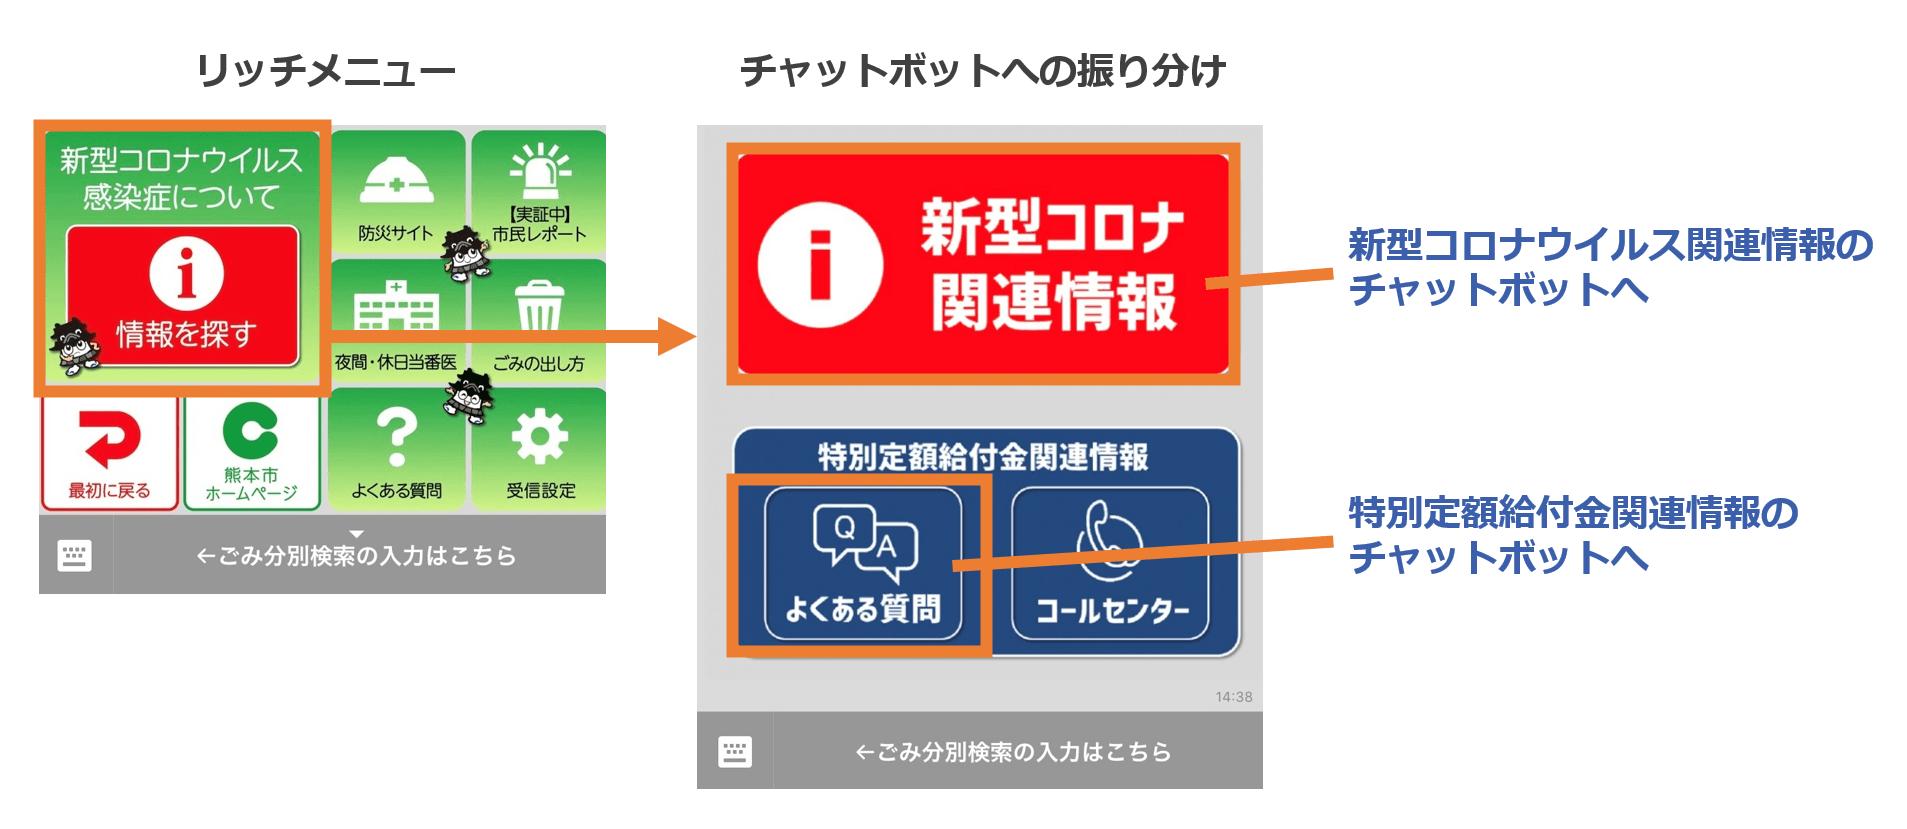 ウイルス 熊本 コロナ 新型